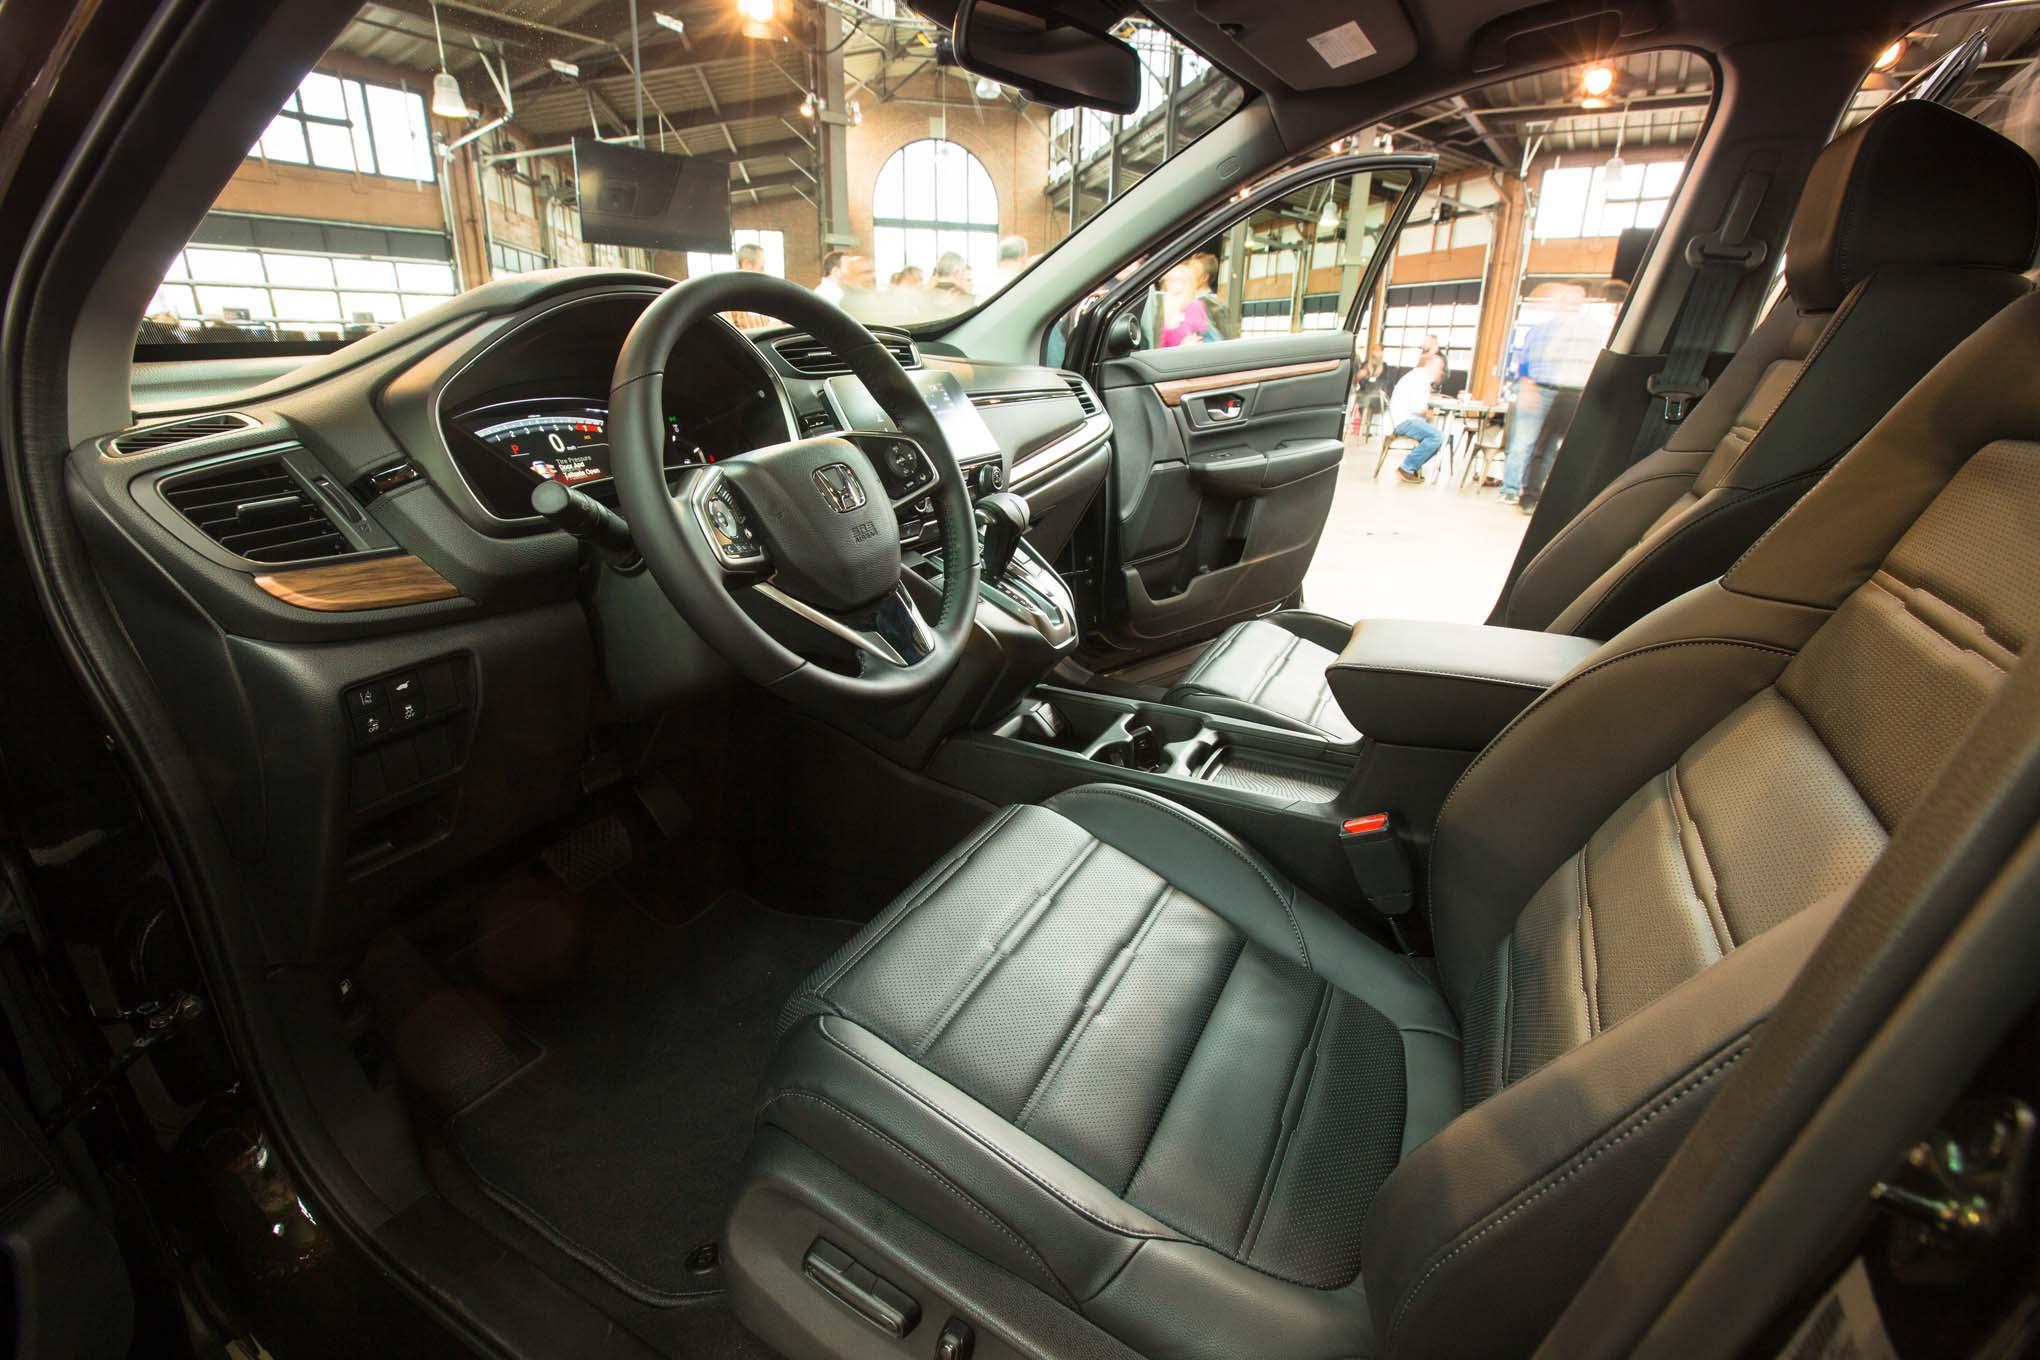 2017-Honda-CR-V-interior-03